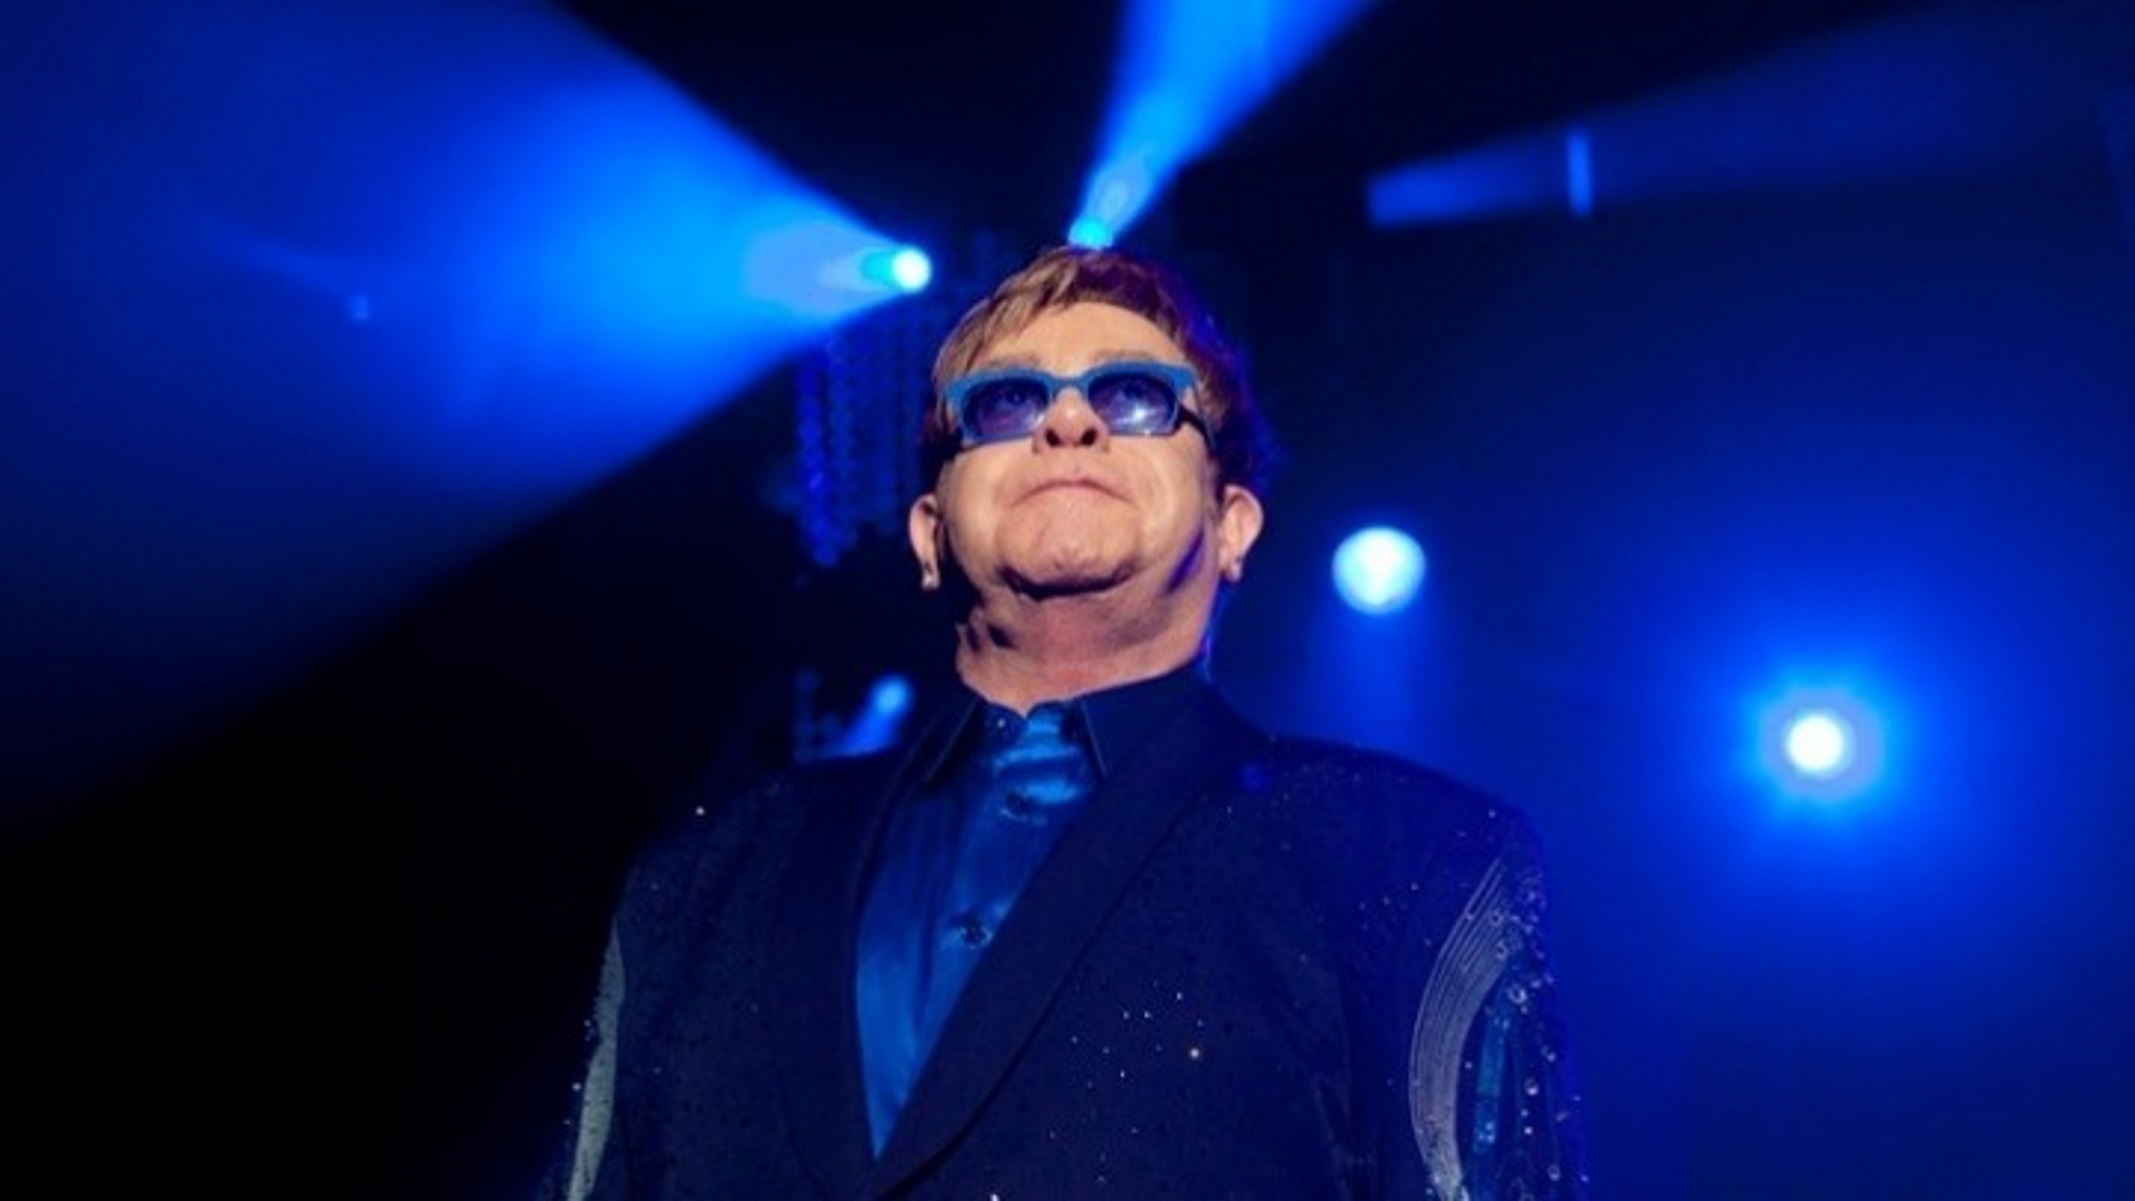 Έλτον Τζον: Χτύπησε και ανέβαλε την περιοδεία «Farewell Yellow Brick Road» για το 2023